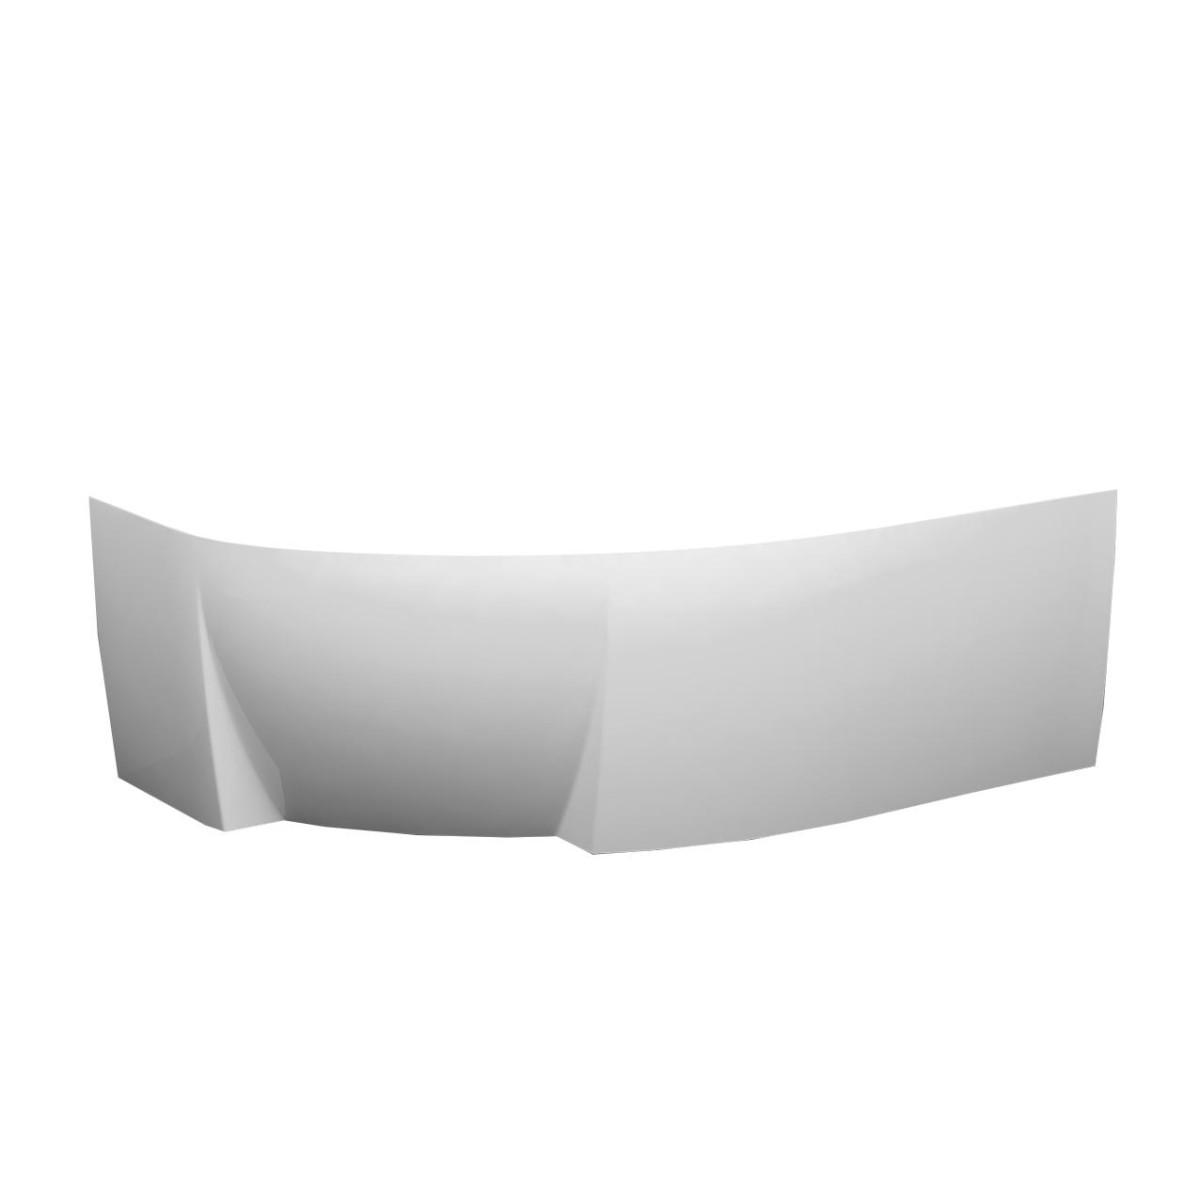 Передняя панель Ravak A для ванны Ravak Rosa II 170 см левая CZ21200A00